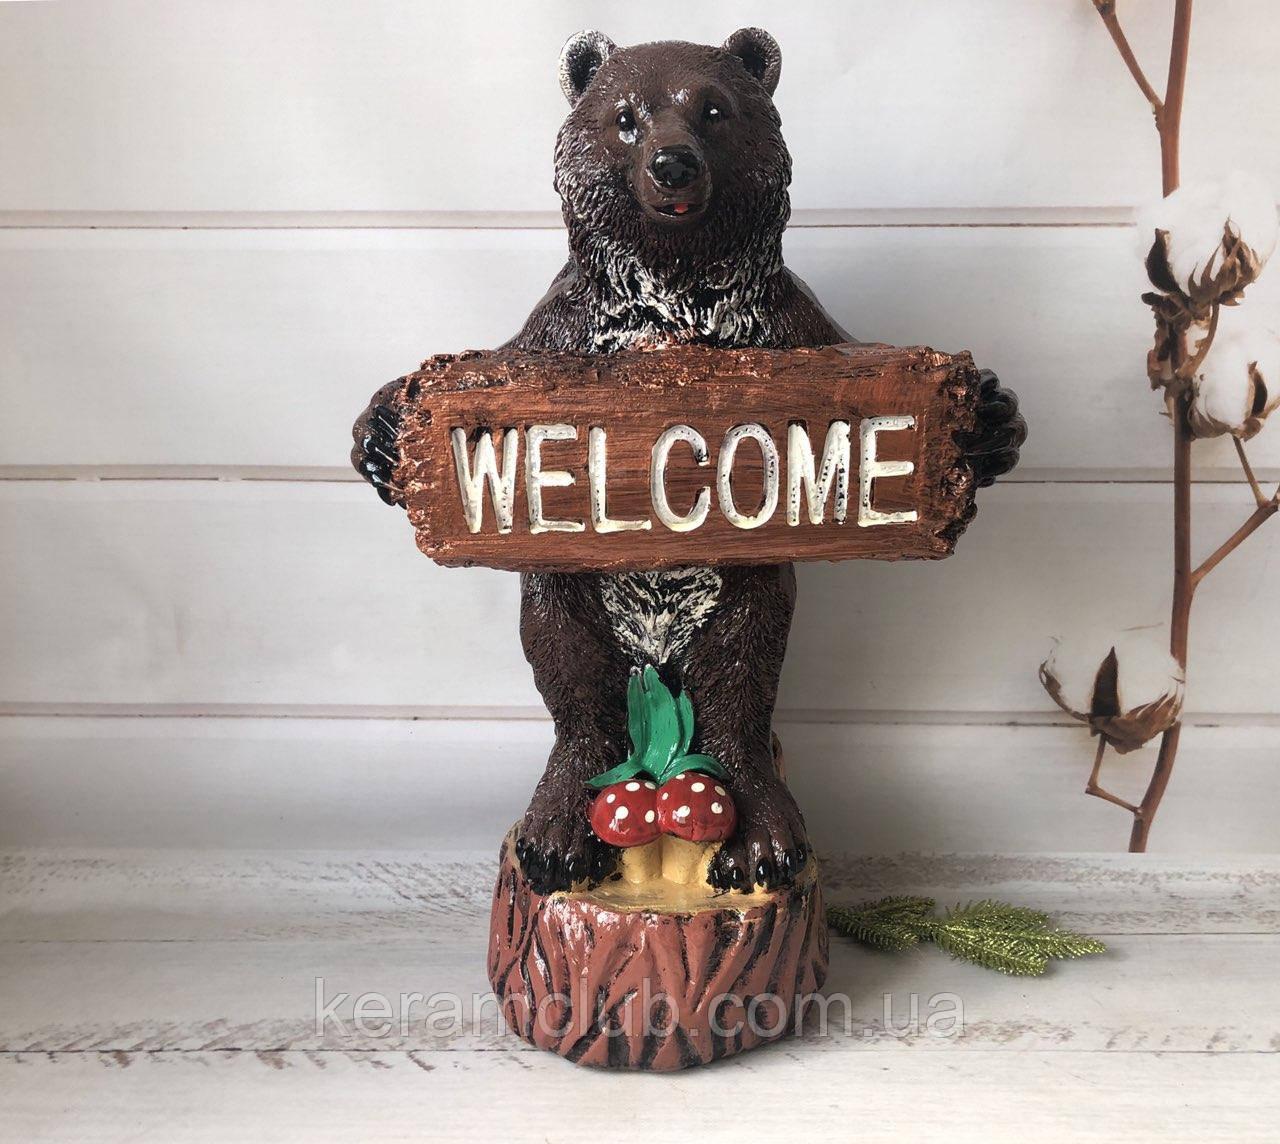 Садовая фигура медведь WELCOME